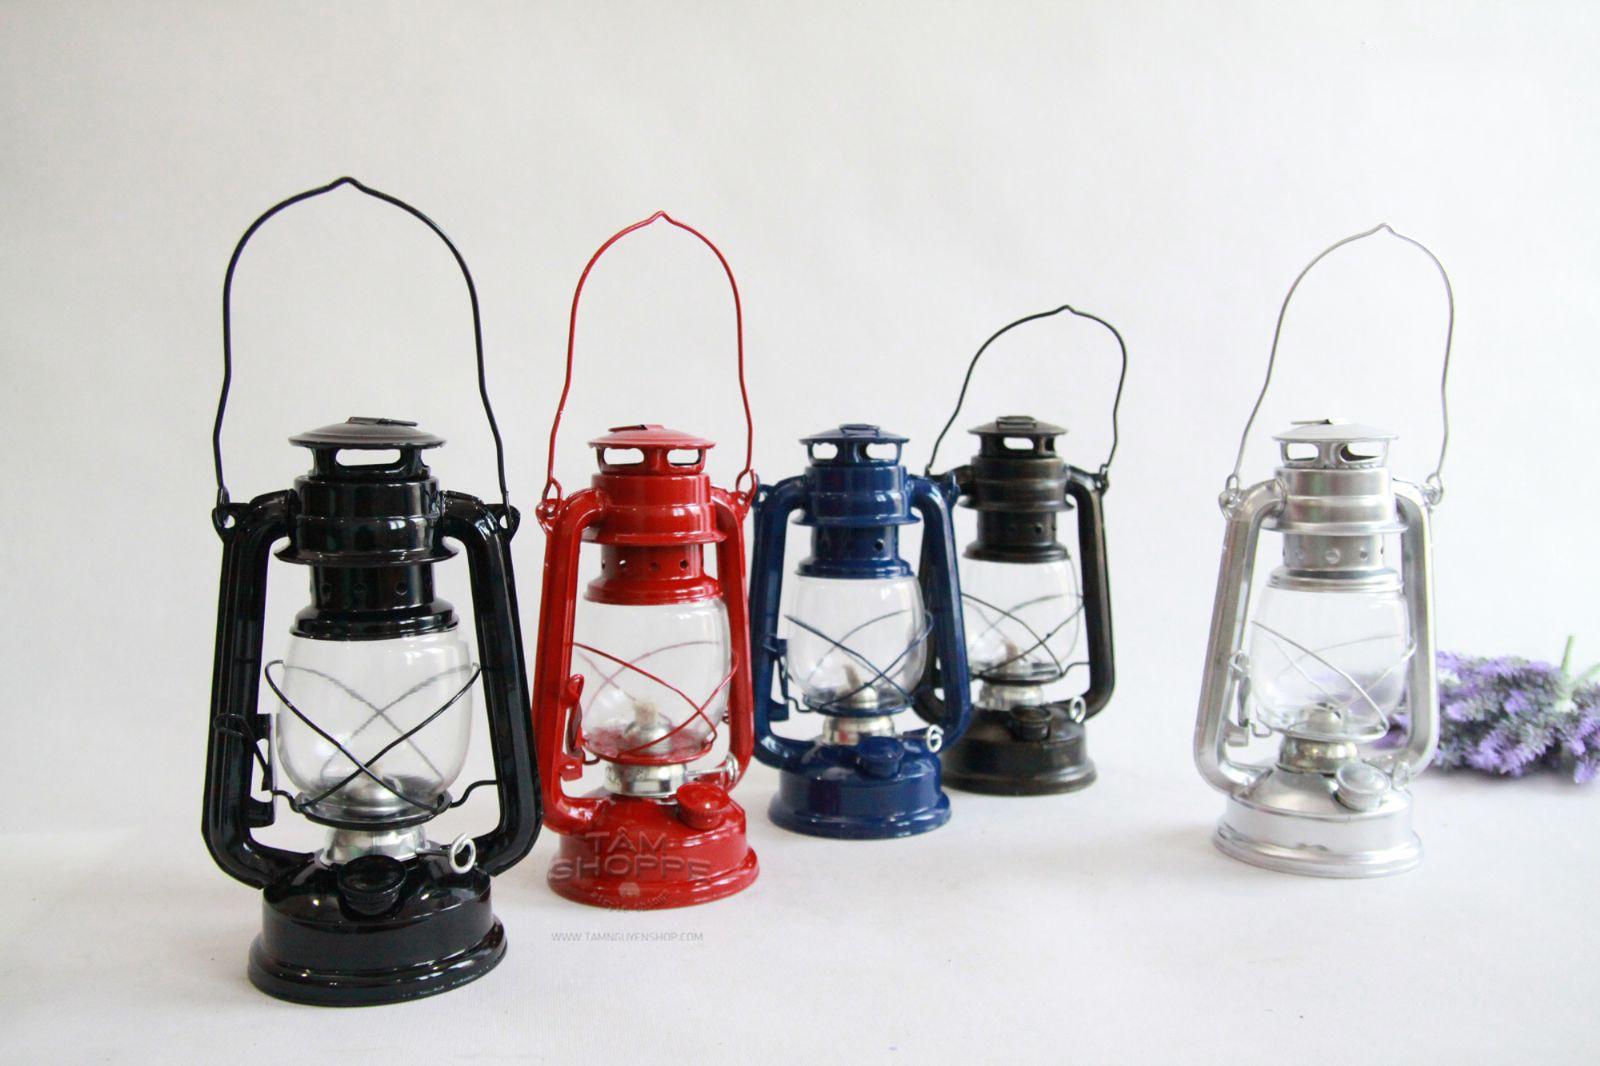 đèn măng xông